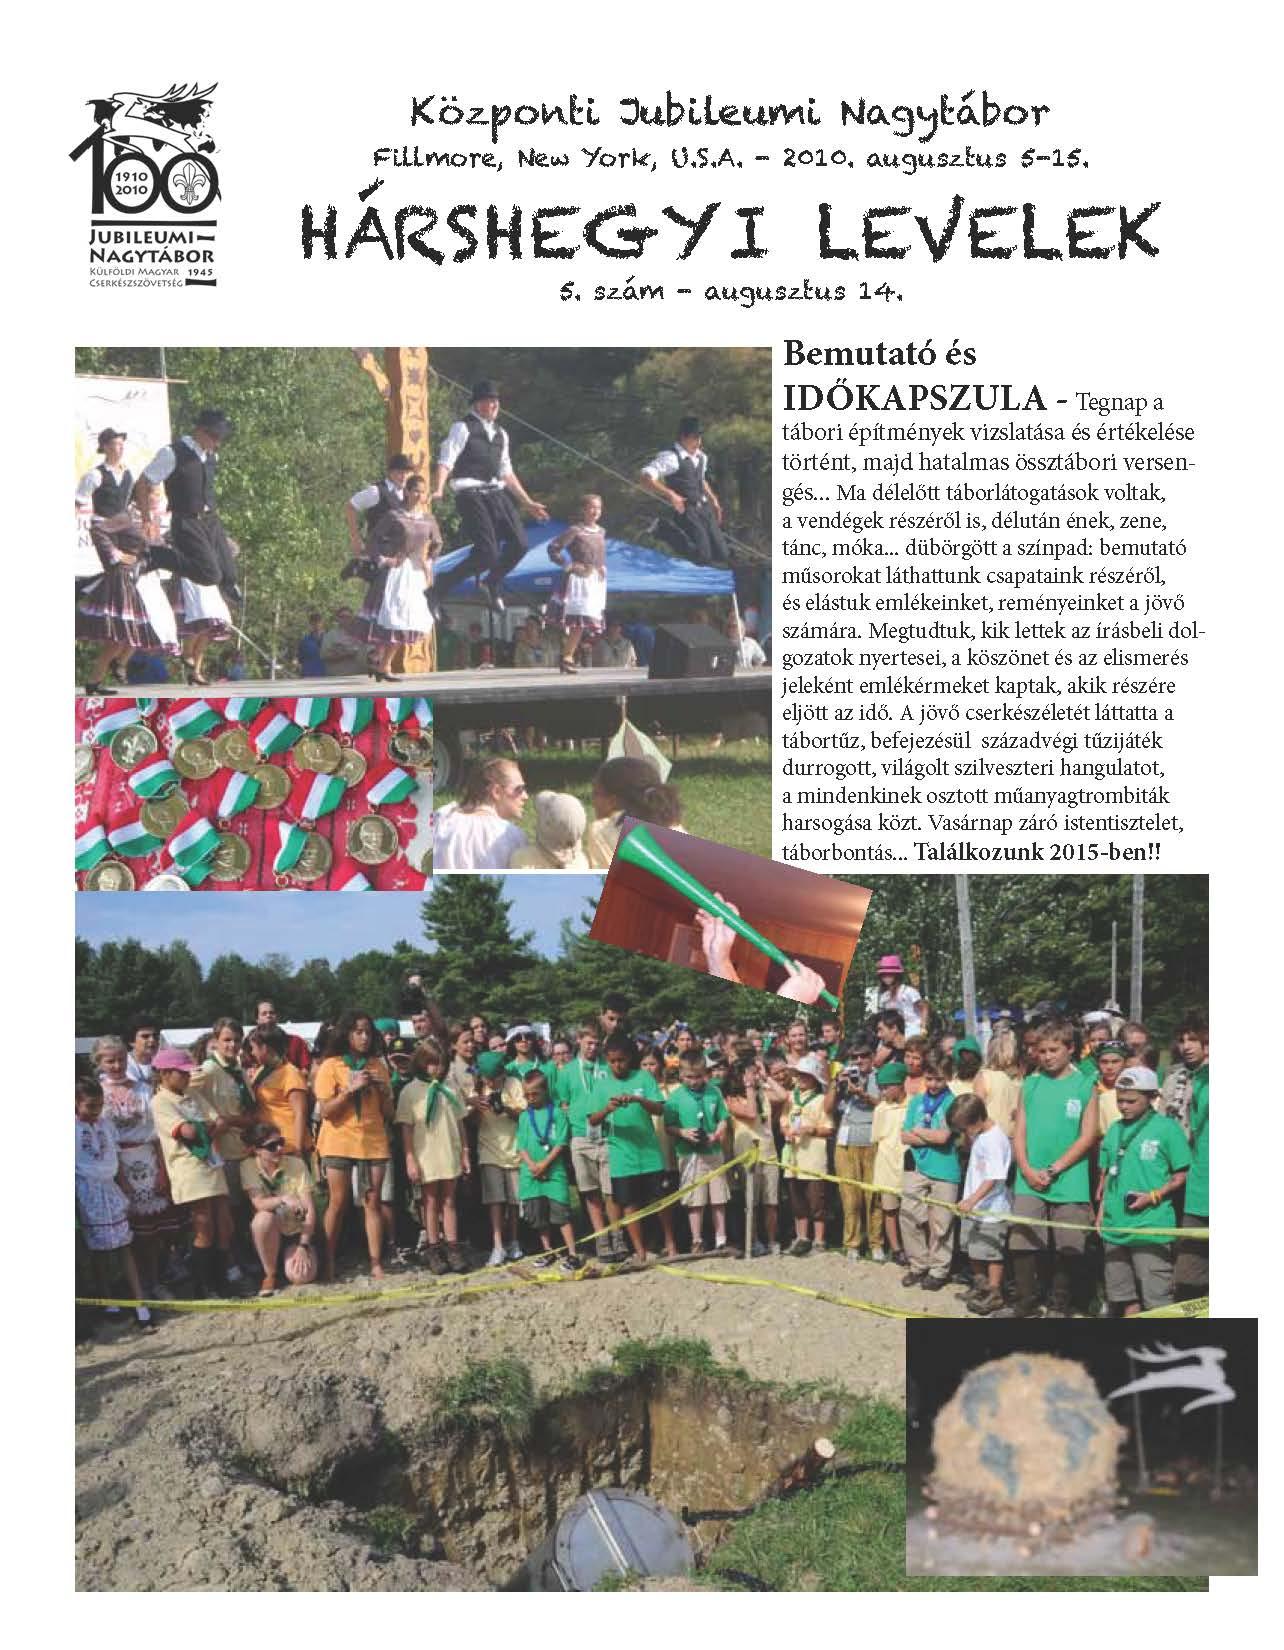 Hárshegyi Levelek 5. szám – 2010. augusztus 14.